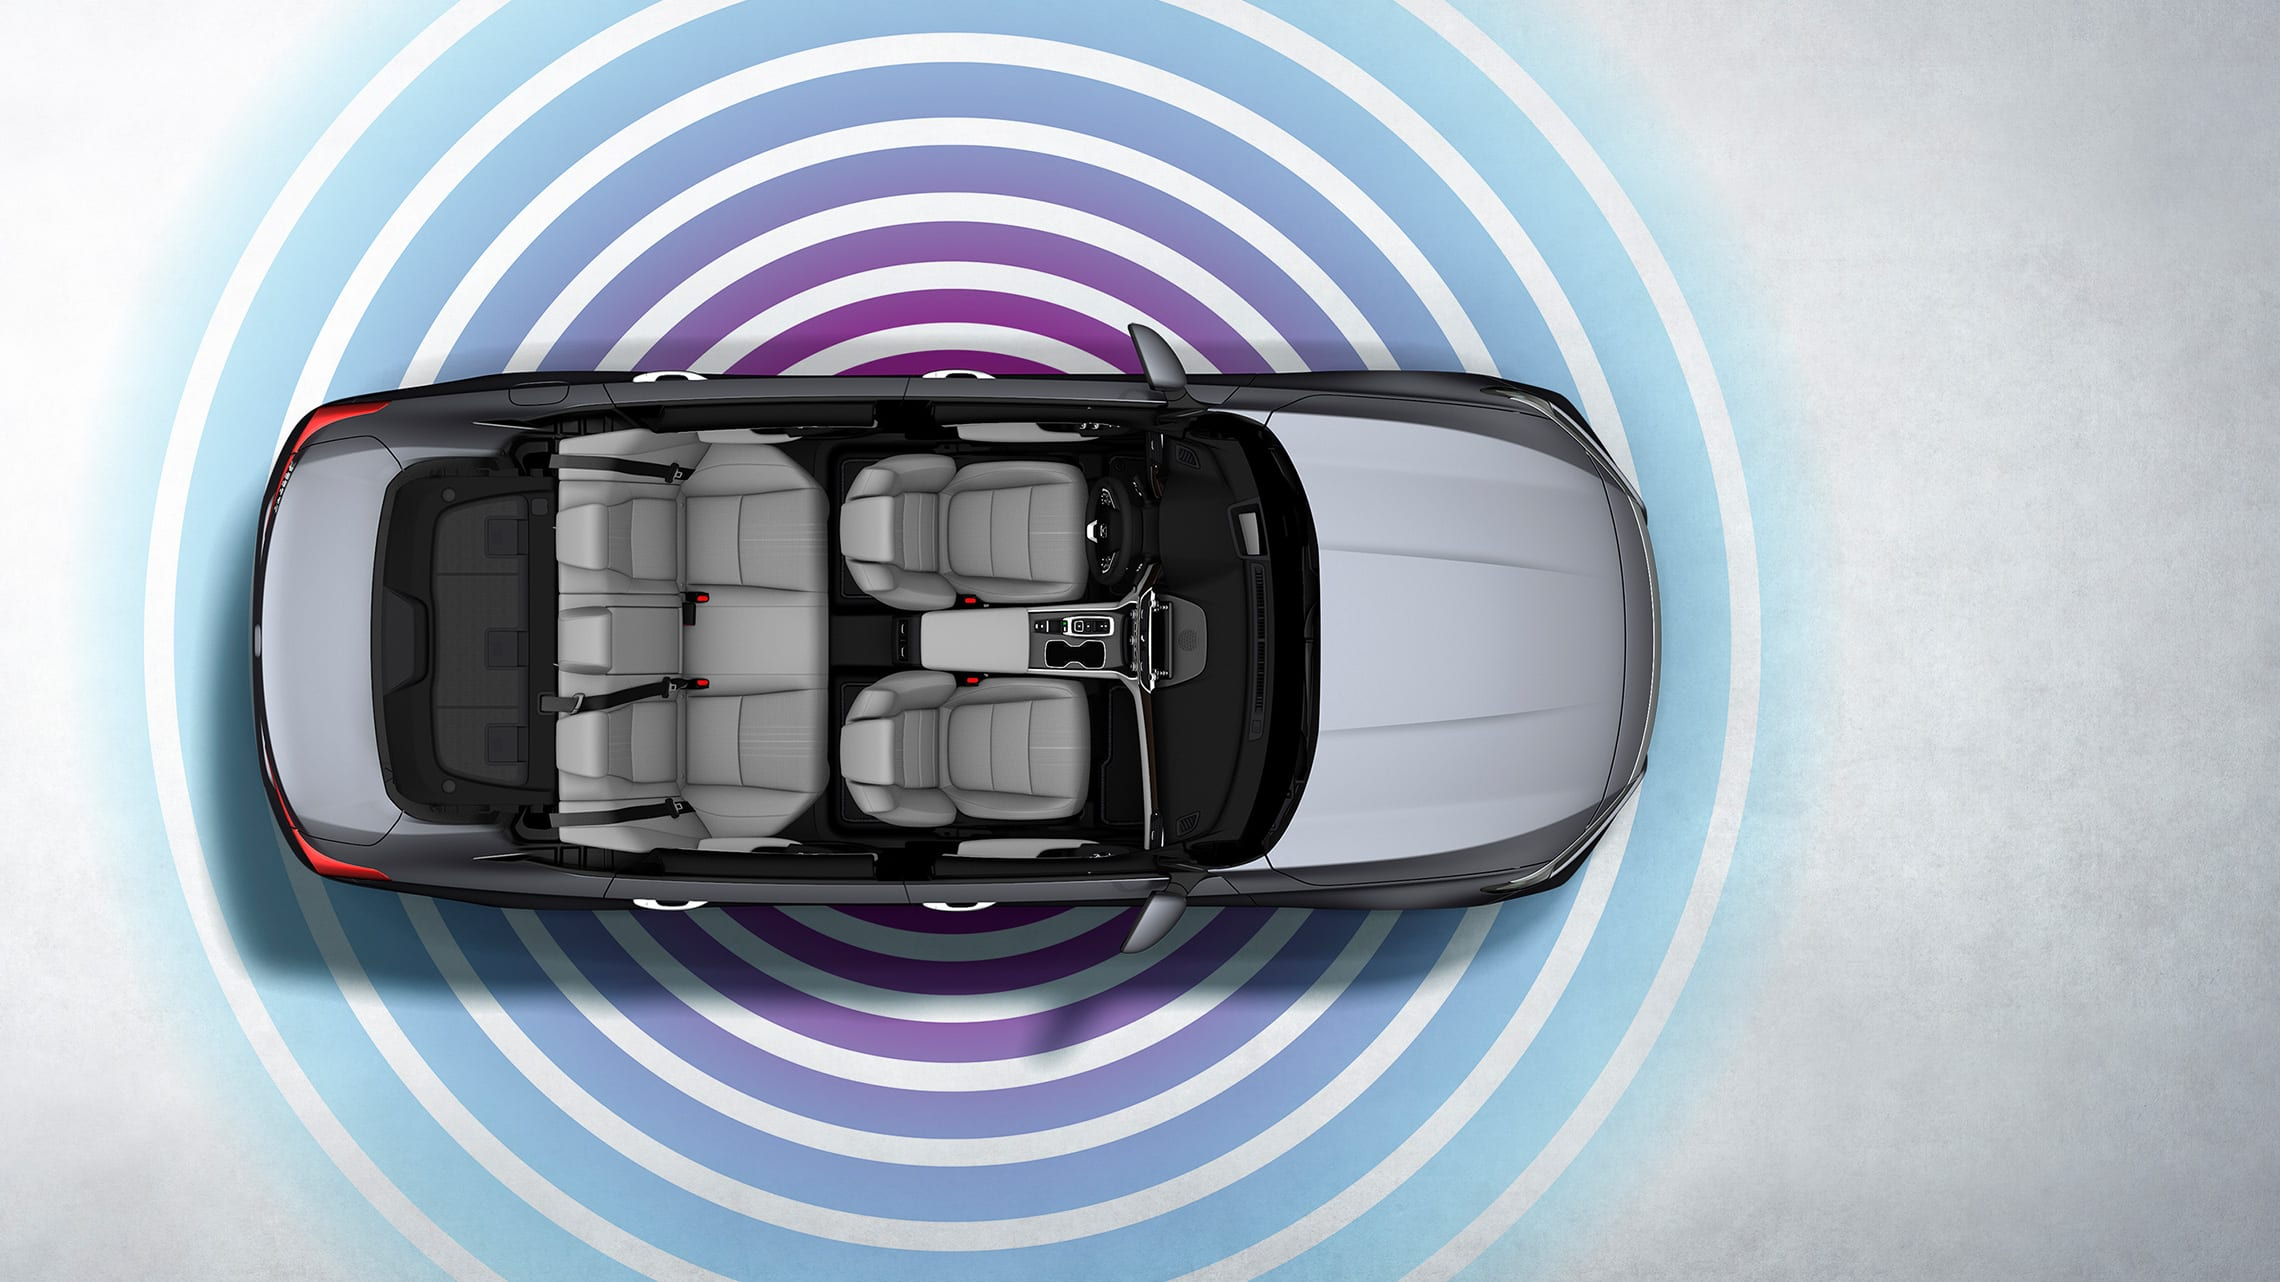 Vista interior aérea del HondaAccord2020 con ondas de señal wifi ilustradas.